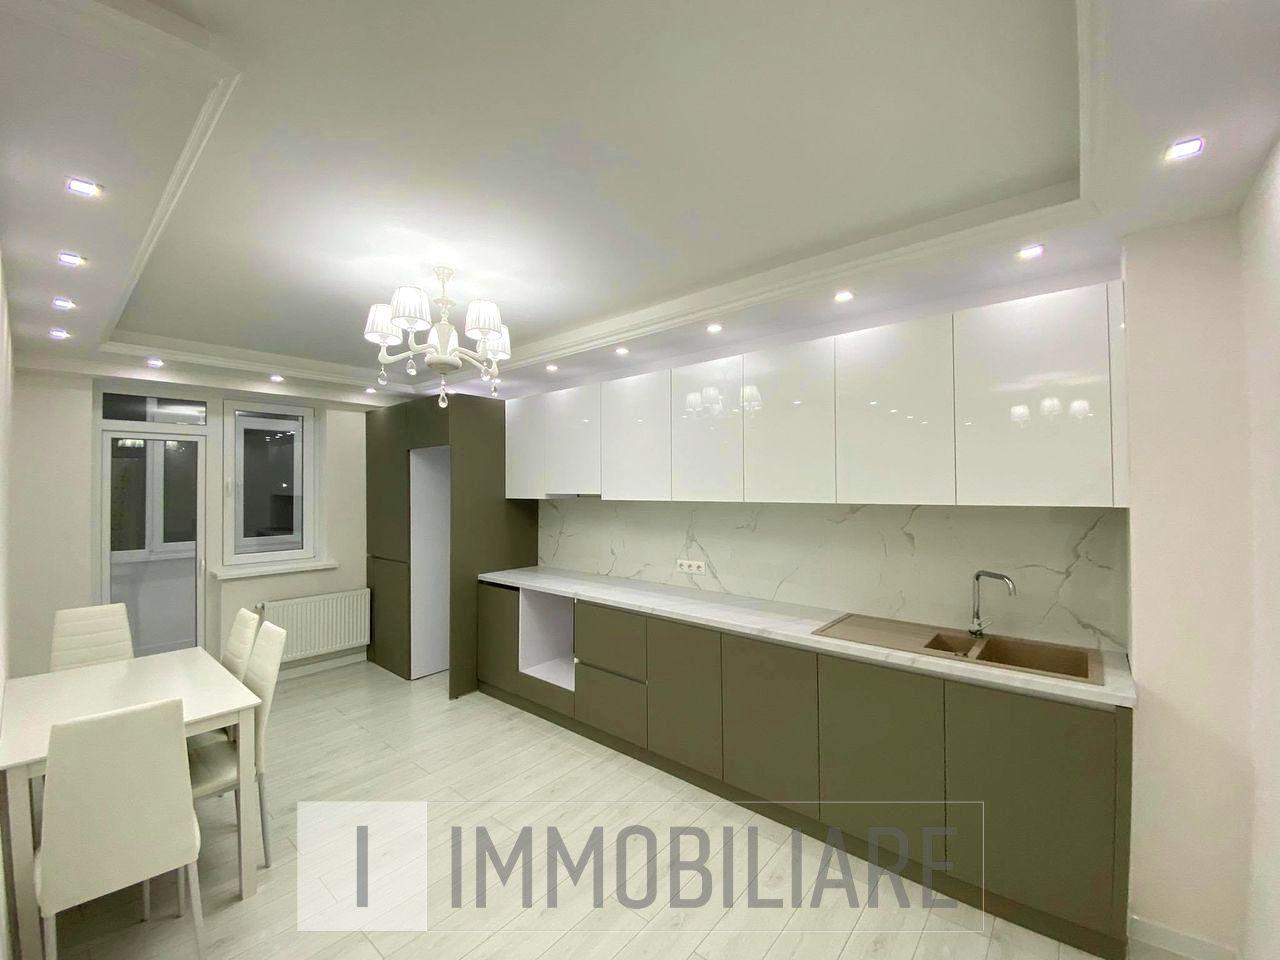 Apartament cu 1 cameră+living, sect. Centru, str. Vasile Alecsandri.